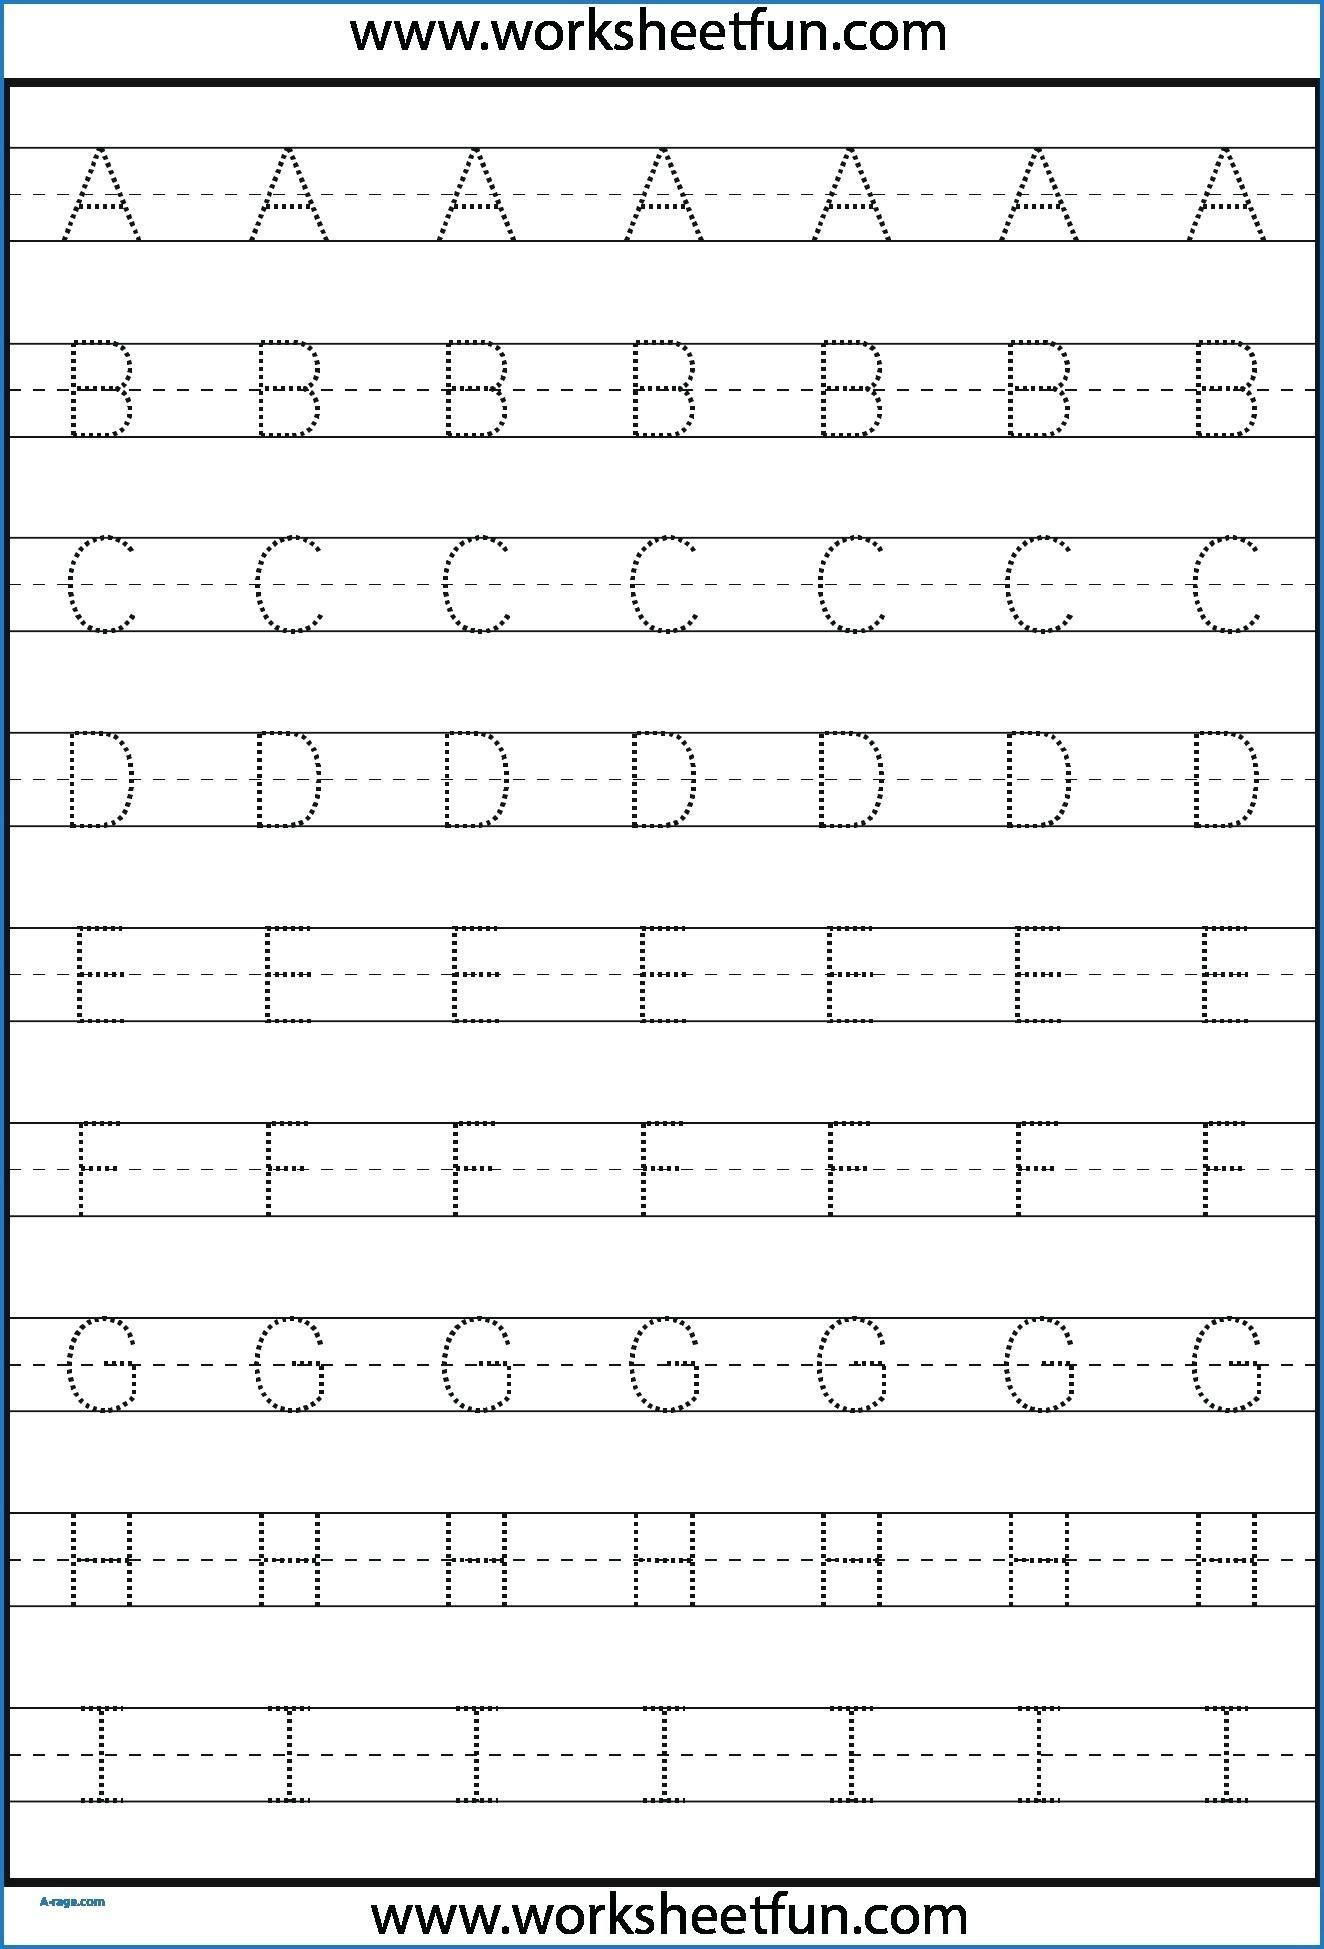 Kindergarten Letter Tracing Worksheets Pdf - Wallpaper Image with Tracing Letters Worksheets For Nursery